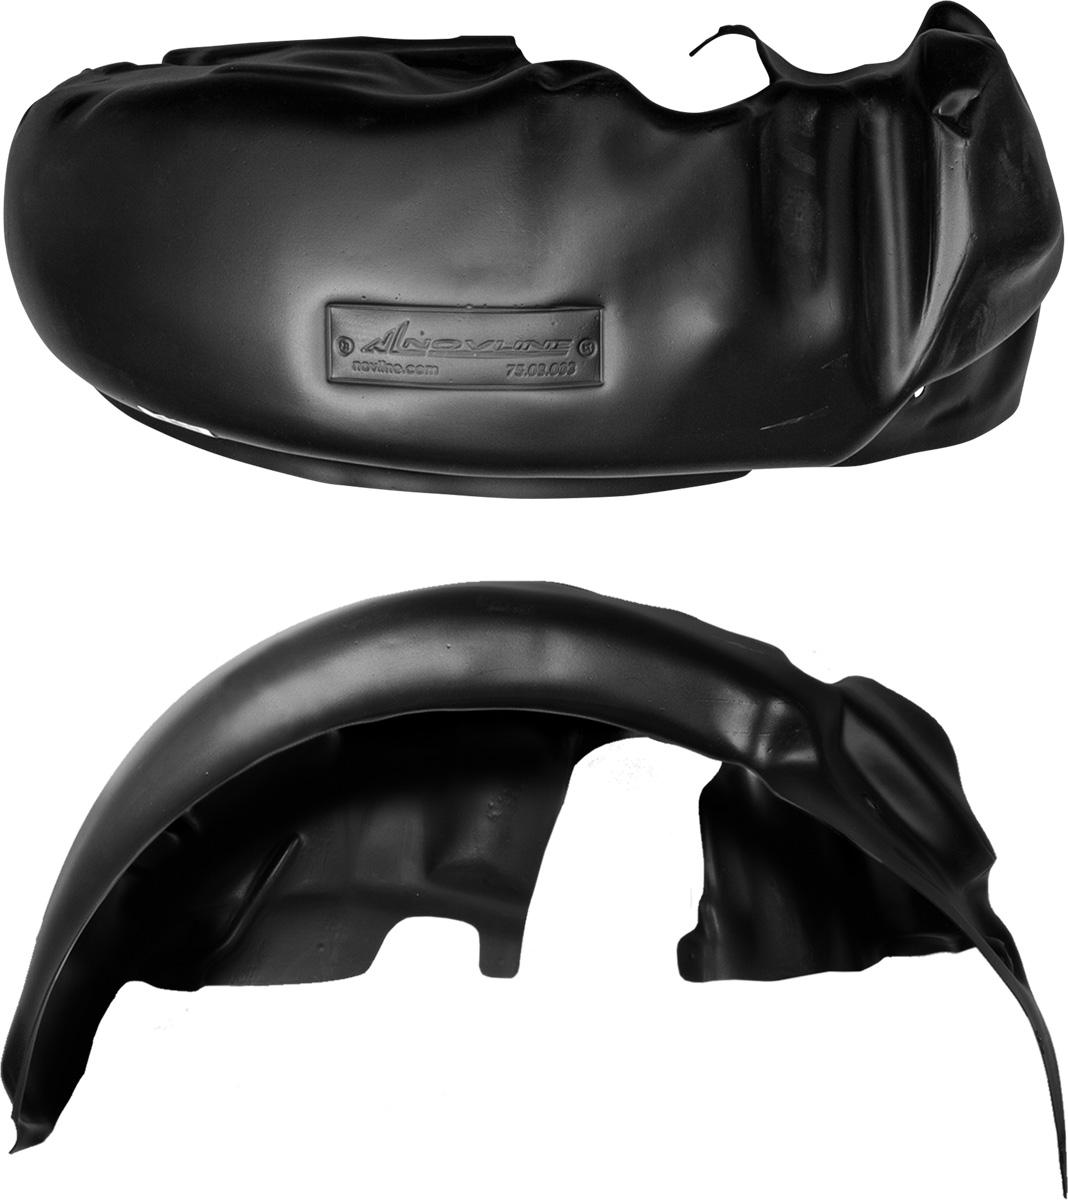 Подкрылок Novline-Autofamily, для УАЗ 3741, 1990->, задний левыйNLL.54.02.003Колесные ниши - одни из самых уязвимых зон днища вашего автомобиля. Они постоянно подвергаются воздействию со стороны дороги. Лучшая, почти абсолютная защита для них - специально отформованные пластиковые кожухи, которые называются подкрылками. Производятся они как для отечественных моделей автомобилей, так и для иномарок. Подкрылки Novline-Autofamily выполнены из высококачественного, экологически чистого пластика. Обеспечивают надежную защиту кузова автомобиля от пескоструйного эффекта и негативного влияния, агрессивных антигололедных реагентов. Пластик обладает более низкой теплопроводностью, чем металл, поэтому в зимний период эксплуатации использование пластиковых подкрылков позволяет лучше защитить колесные ниши от налипания снега и образования наледи. Оригинальность конструкции подчеркивает элегантность автомобиля, бережно защищает нанесенное на днище кузова антикоррозийное покрытие и позволяет осуществить крепление подкрылков внутри колесной арки практически без дополнительного крепежа и сверления, не нарушая при этом лакокрасочного покрытия, что предотвращает возникновение новых очагов коррозии. Подкрылки долговечны, обладают высокой прочностью и сохраняют заданную форму, а также все свои физико-механические характеристики в самых тяжелых климатических условиях (от -50°С до +50°С).Уважаемые клиенты!Обращаем ваше внимание, на тот факт, что подкрылок имеет форму, соответствующую модели данного автомобиля. Фото служит для визуального восприятия товара.